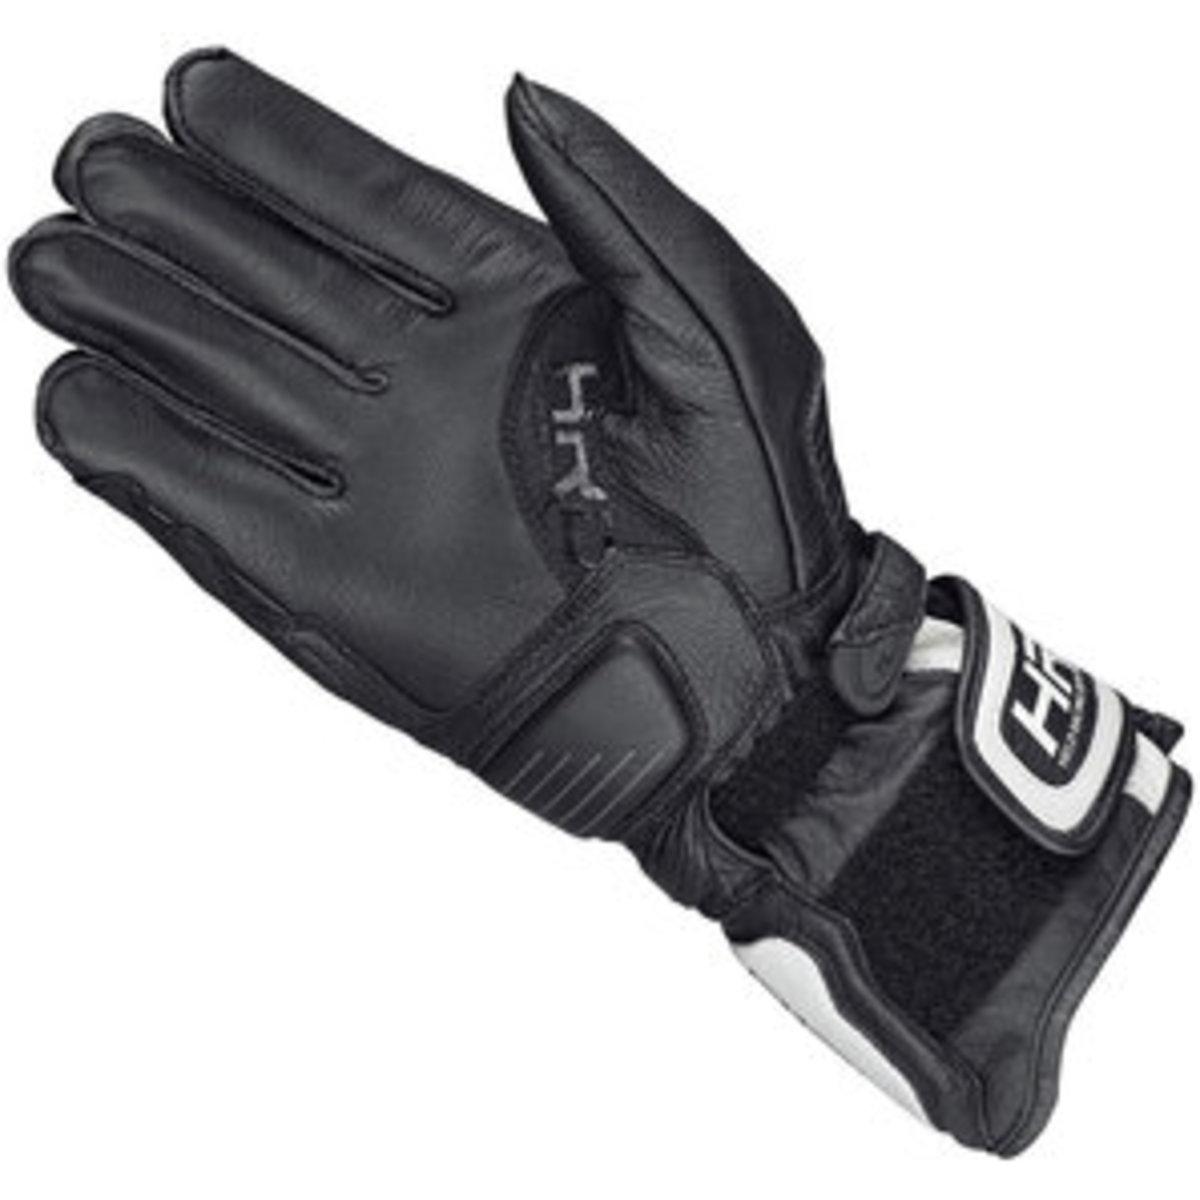 Bild 2 von Held Revel 2623        Handschuh, schwarz-weiß